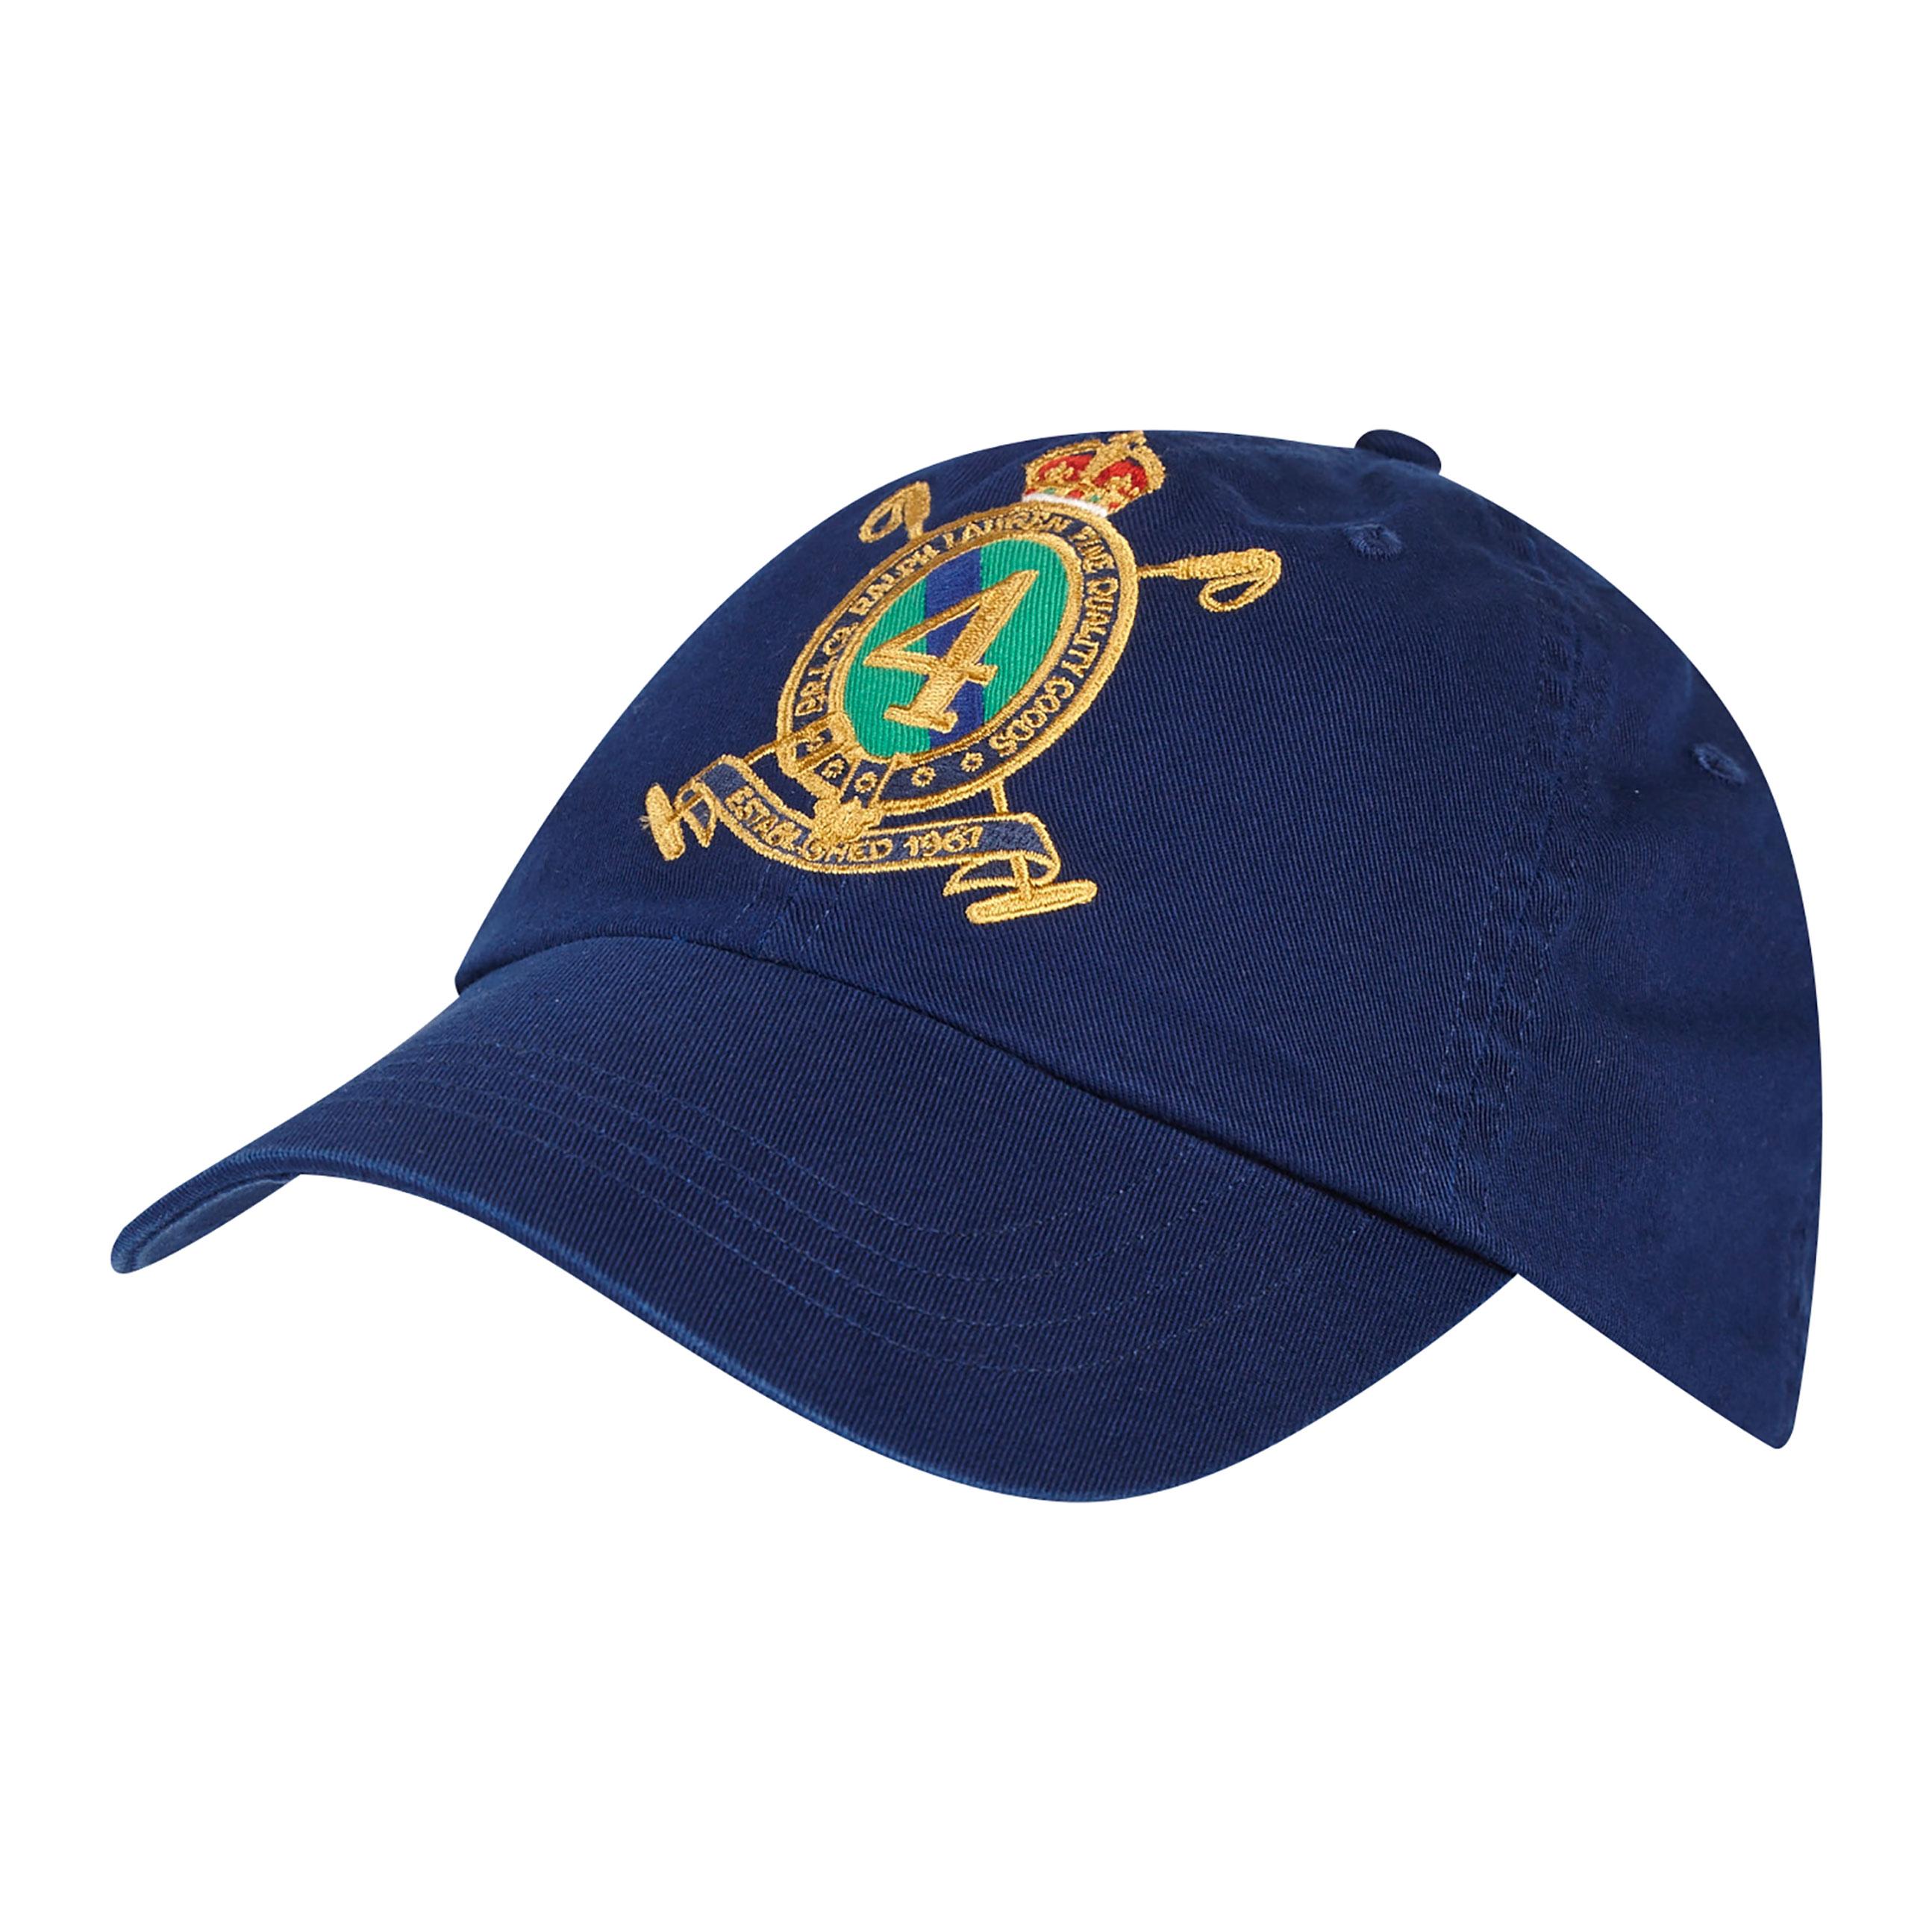 Wimbledon Ralph Lauren Classic Sports Cap - French Navy